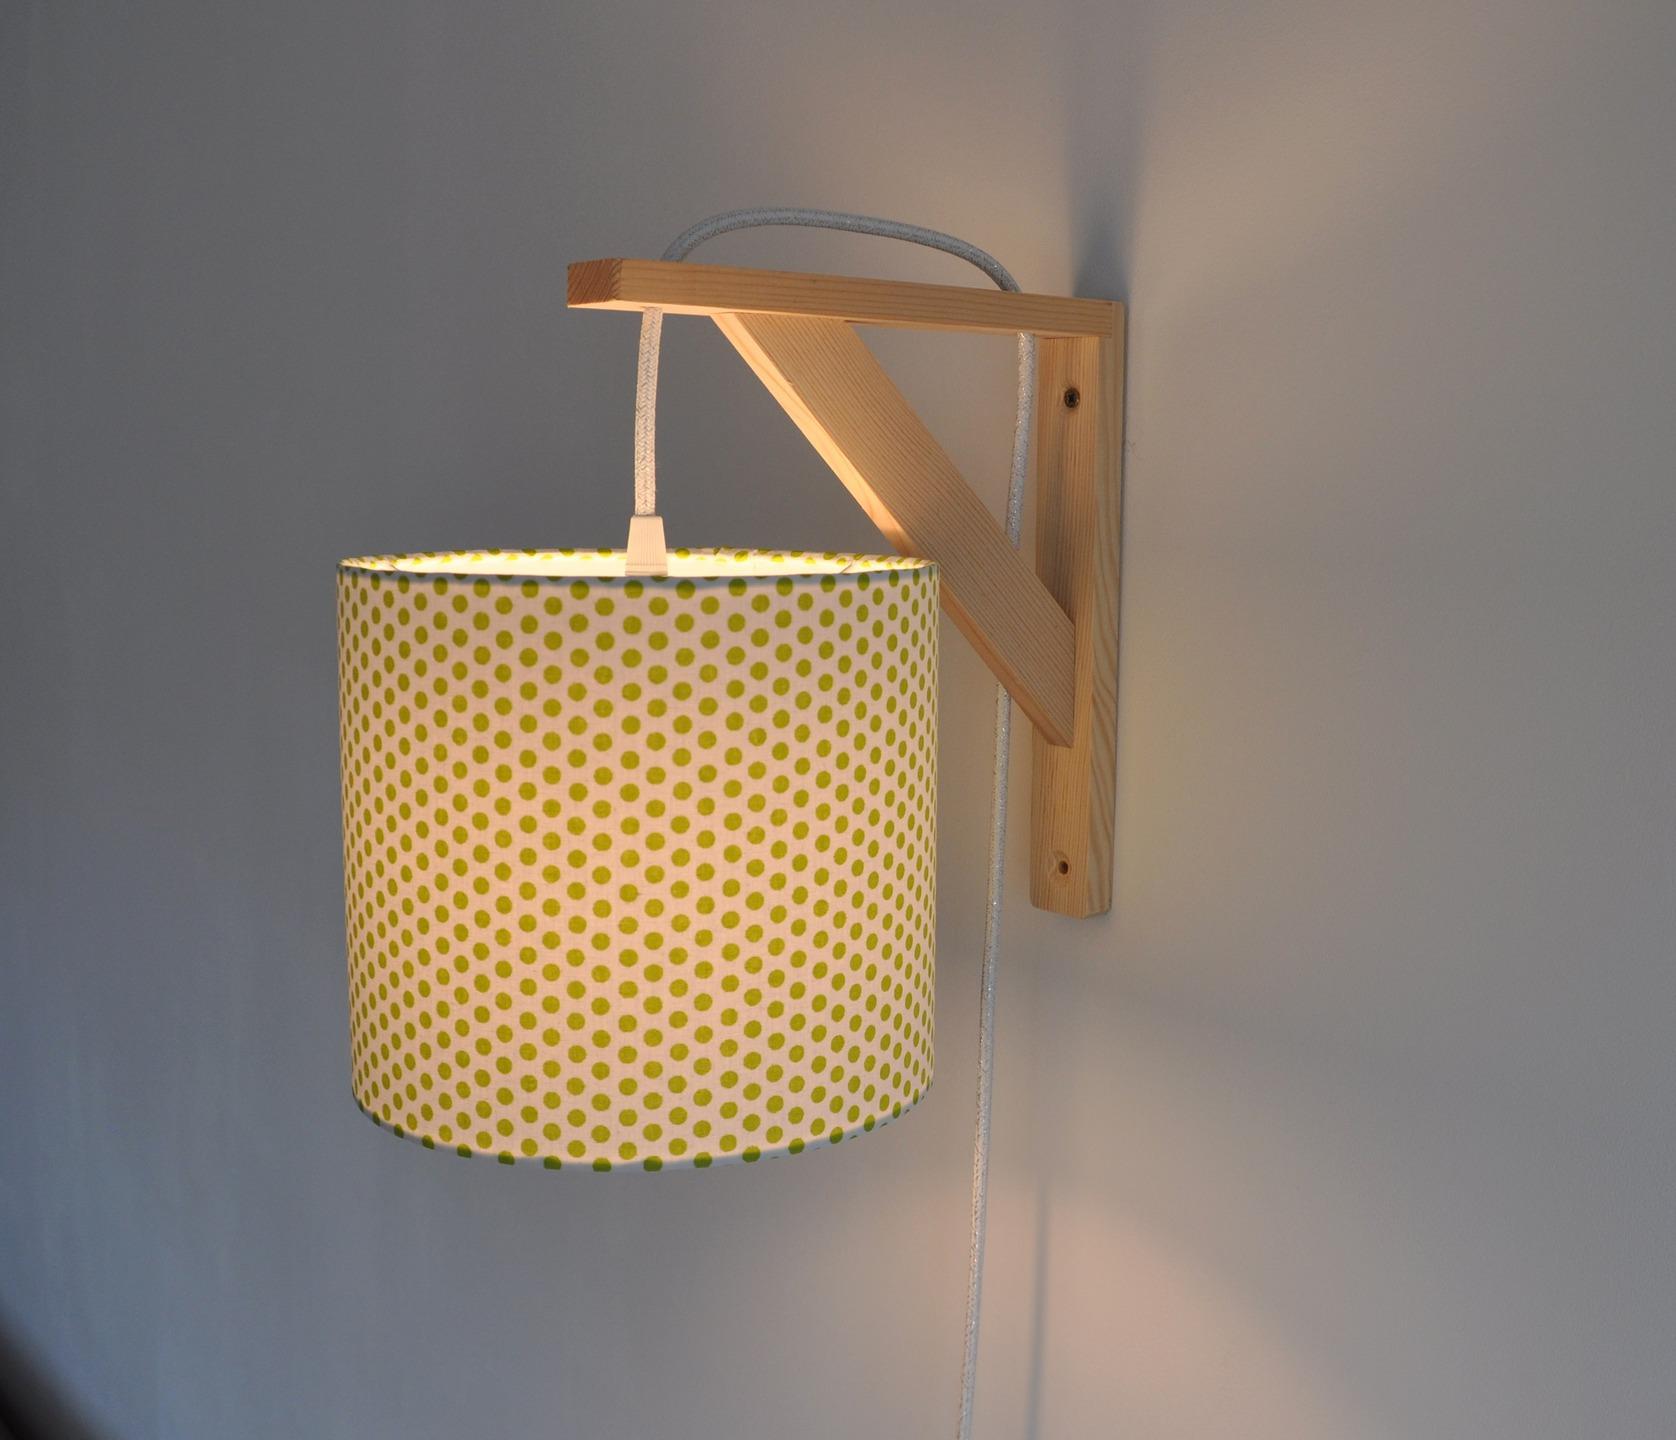 Idée Lampe Et Luminaire En De Maison Tissu Murale Applique m0wvn8N